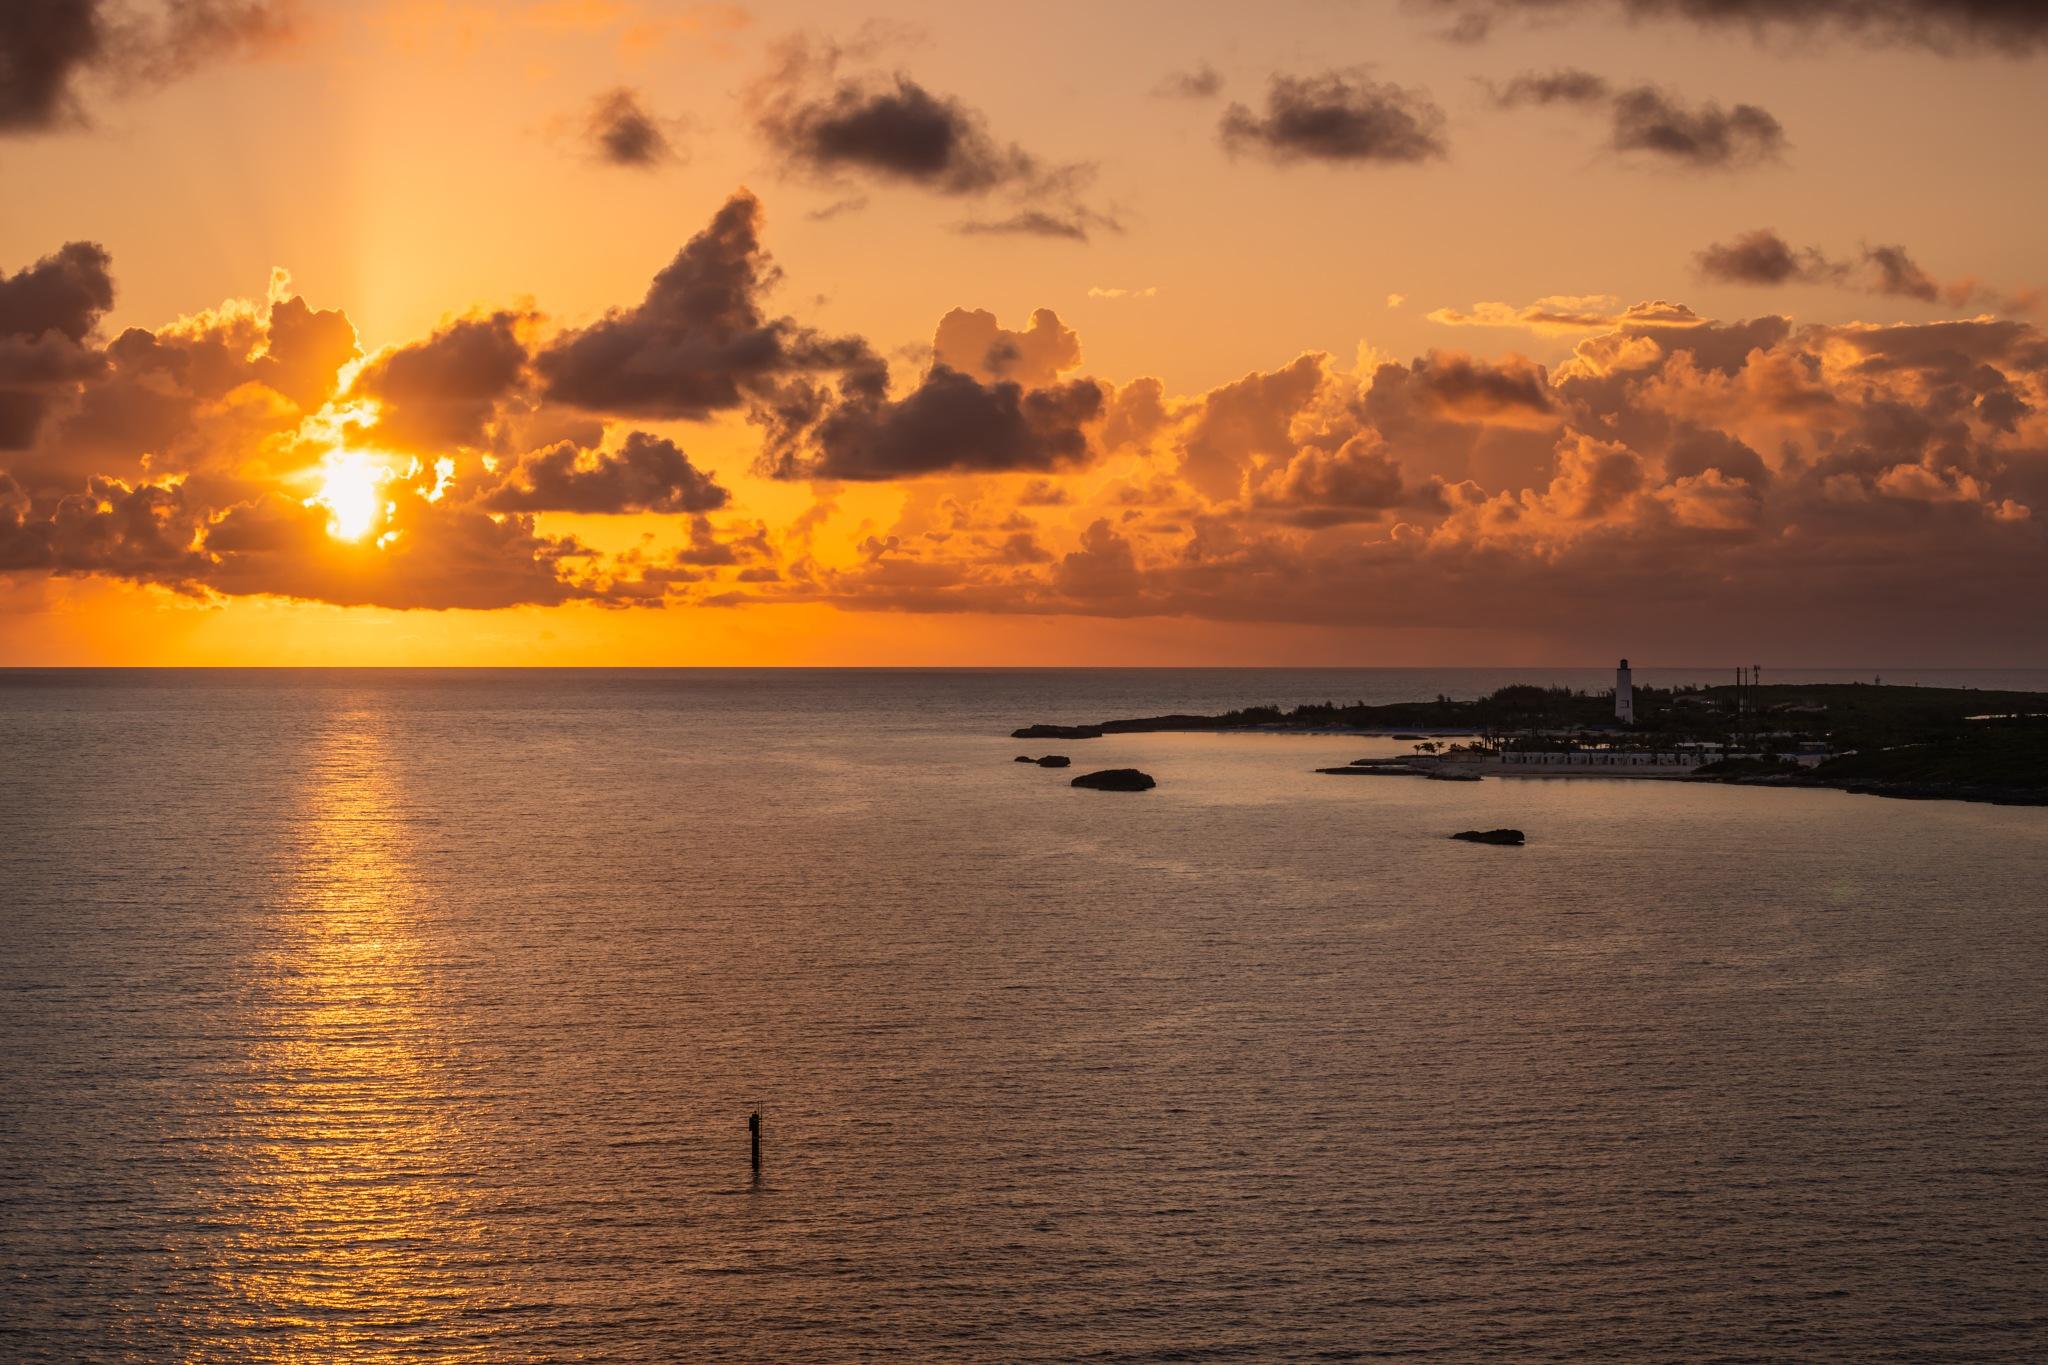 Sunrise at Cococay,  Bahamas by Noel Villasenor